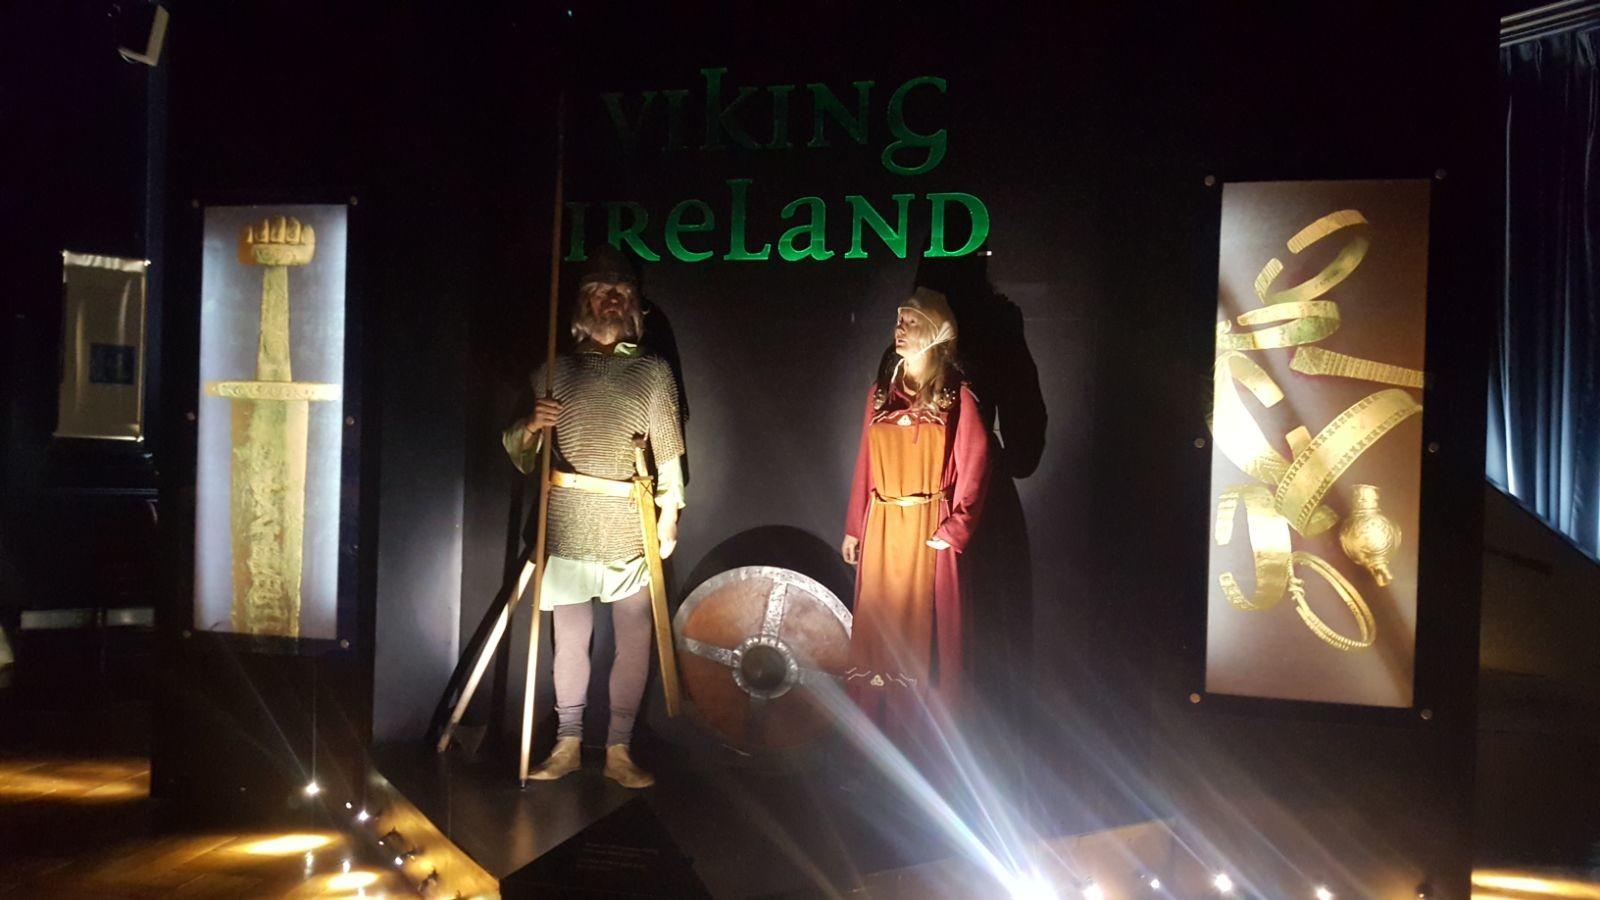 Visita a Dublino